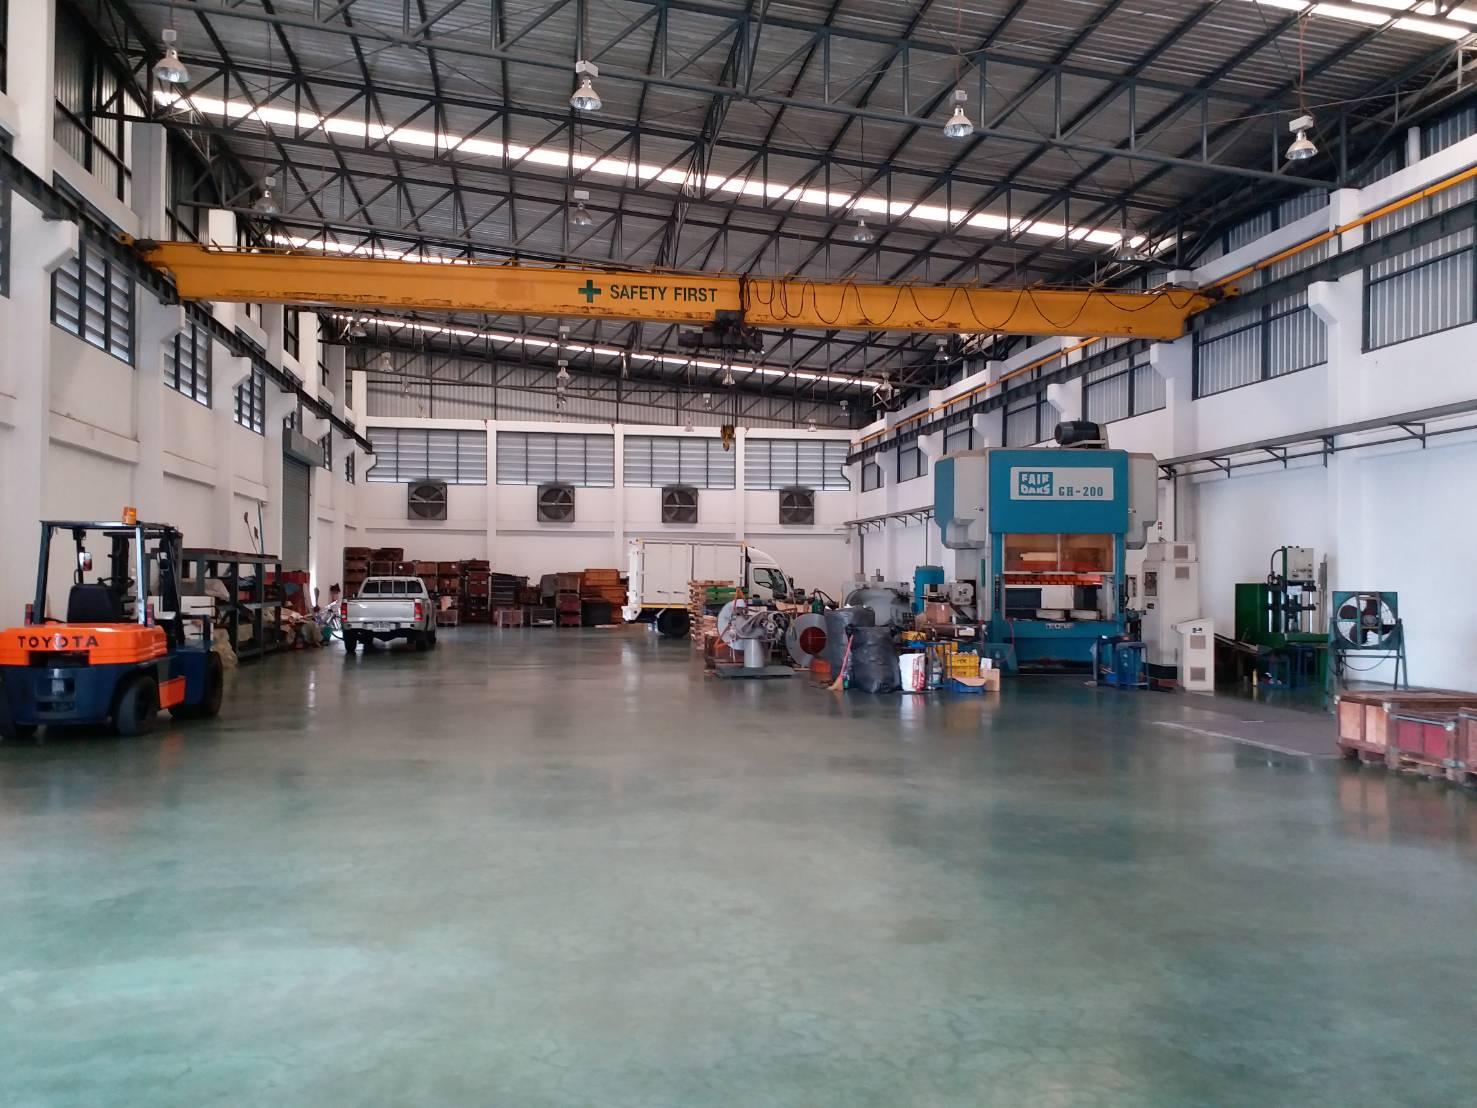 ขาย โรงงาน  สมุทรสาคร  Samut Sakhon